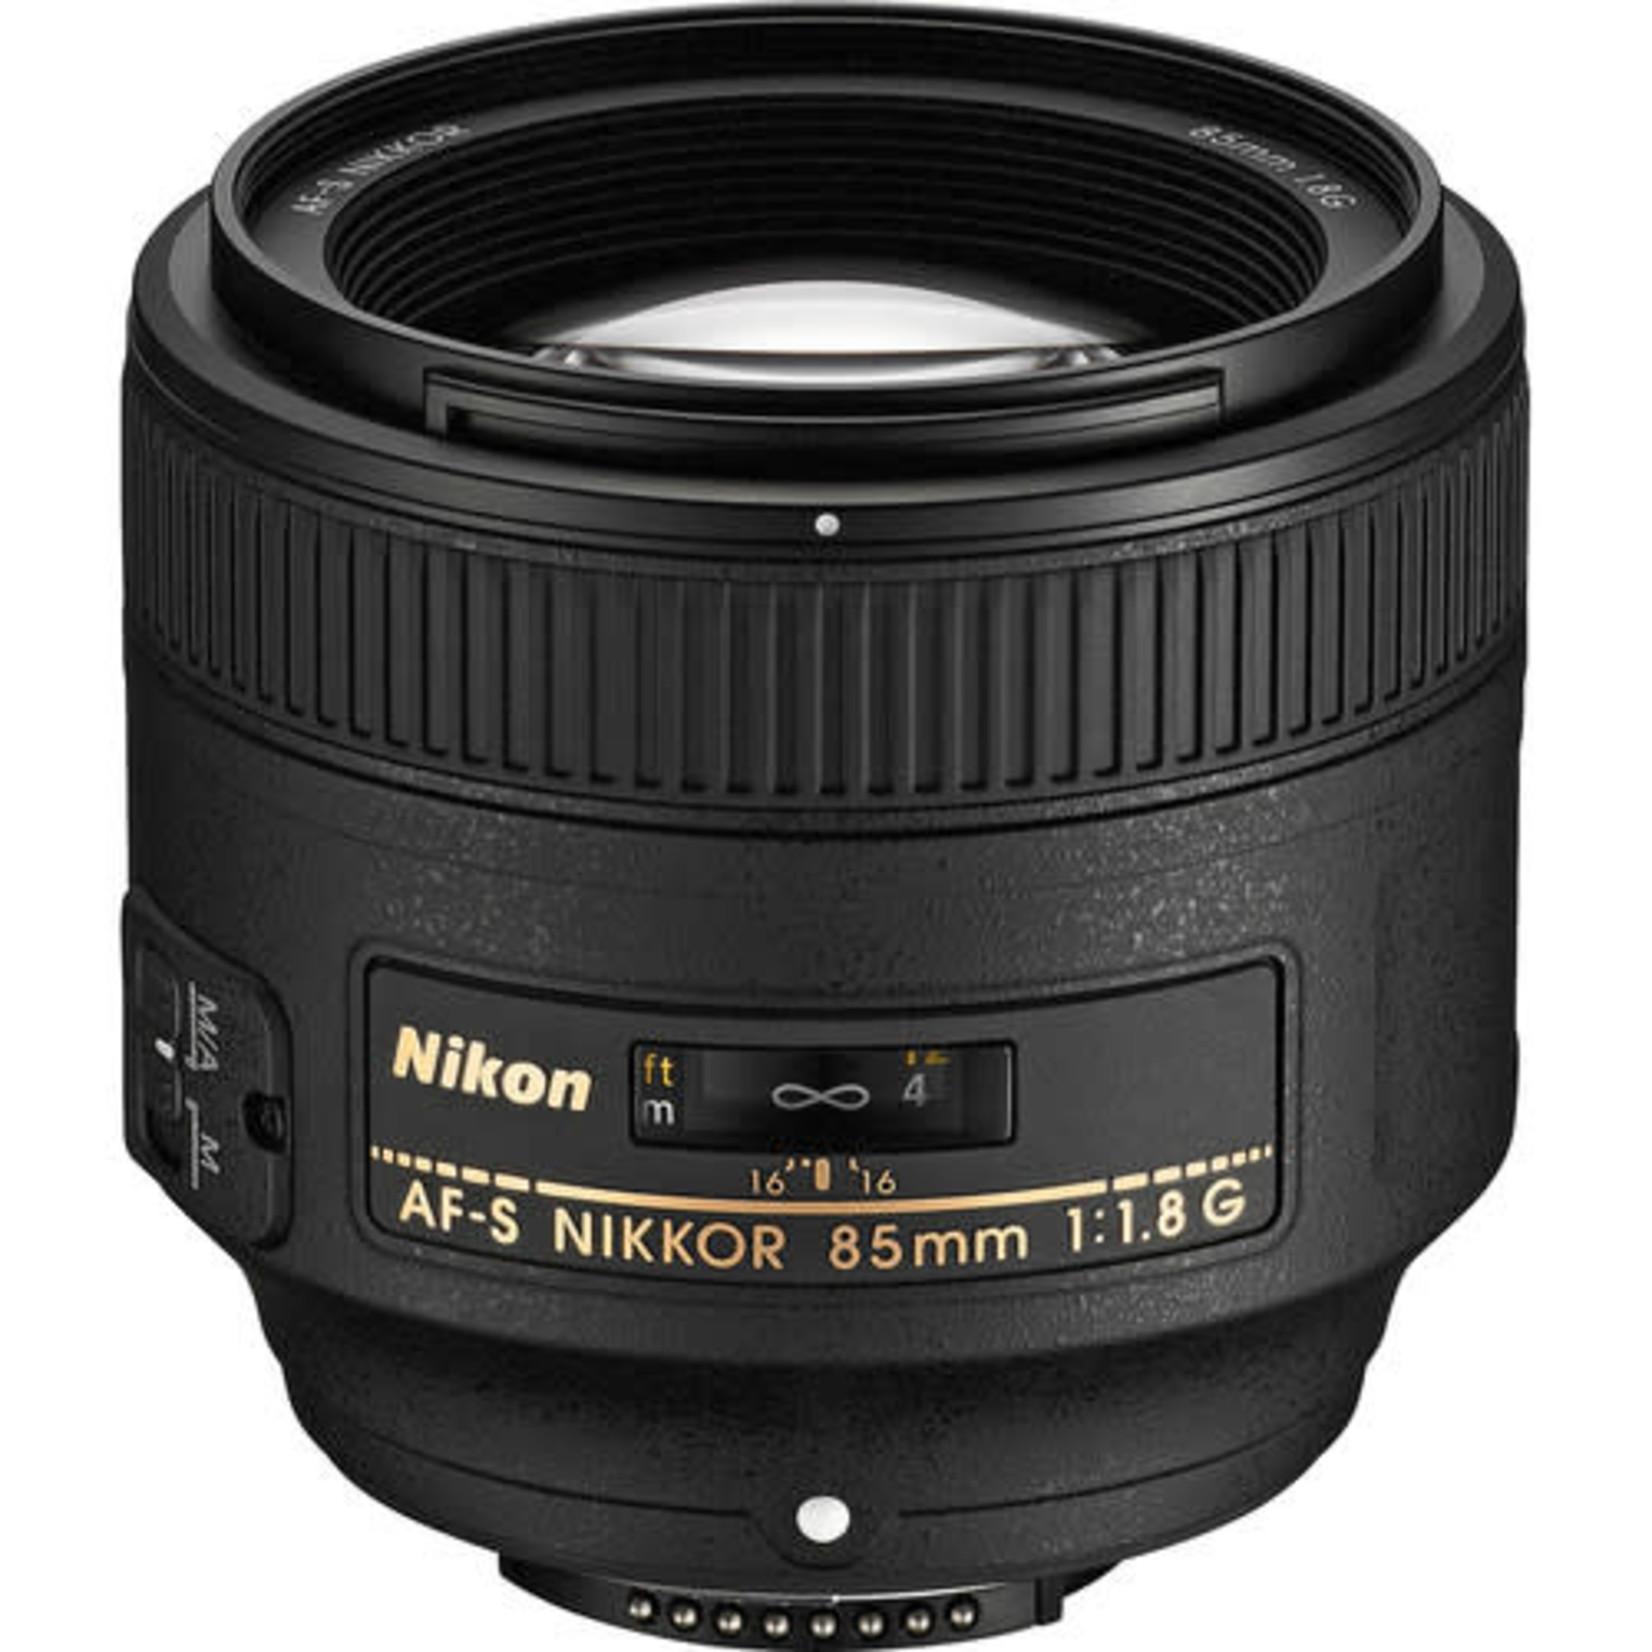 Nikon Nikon AF-S NIKKOR 85mm f/1.8G Lens